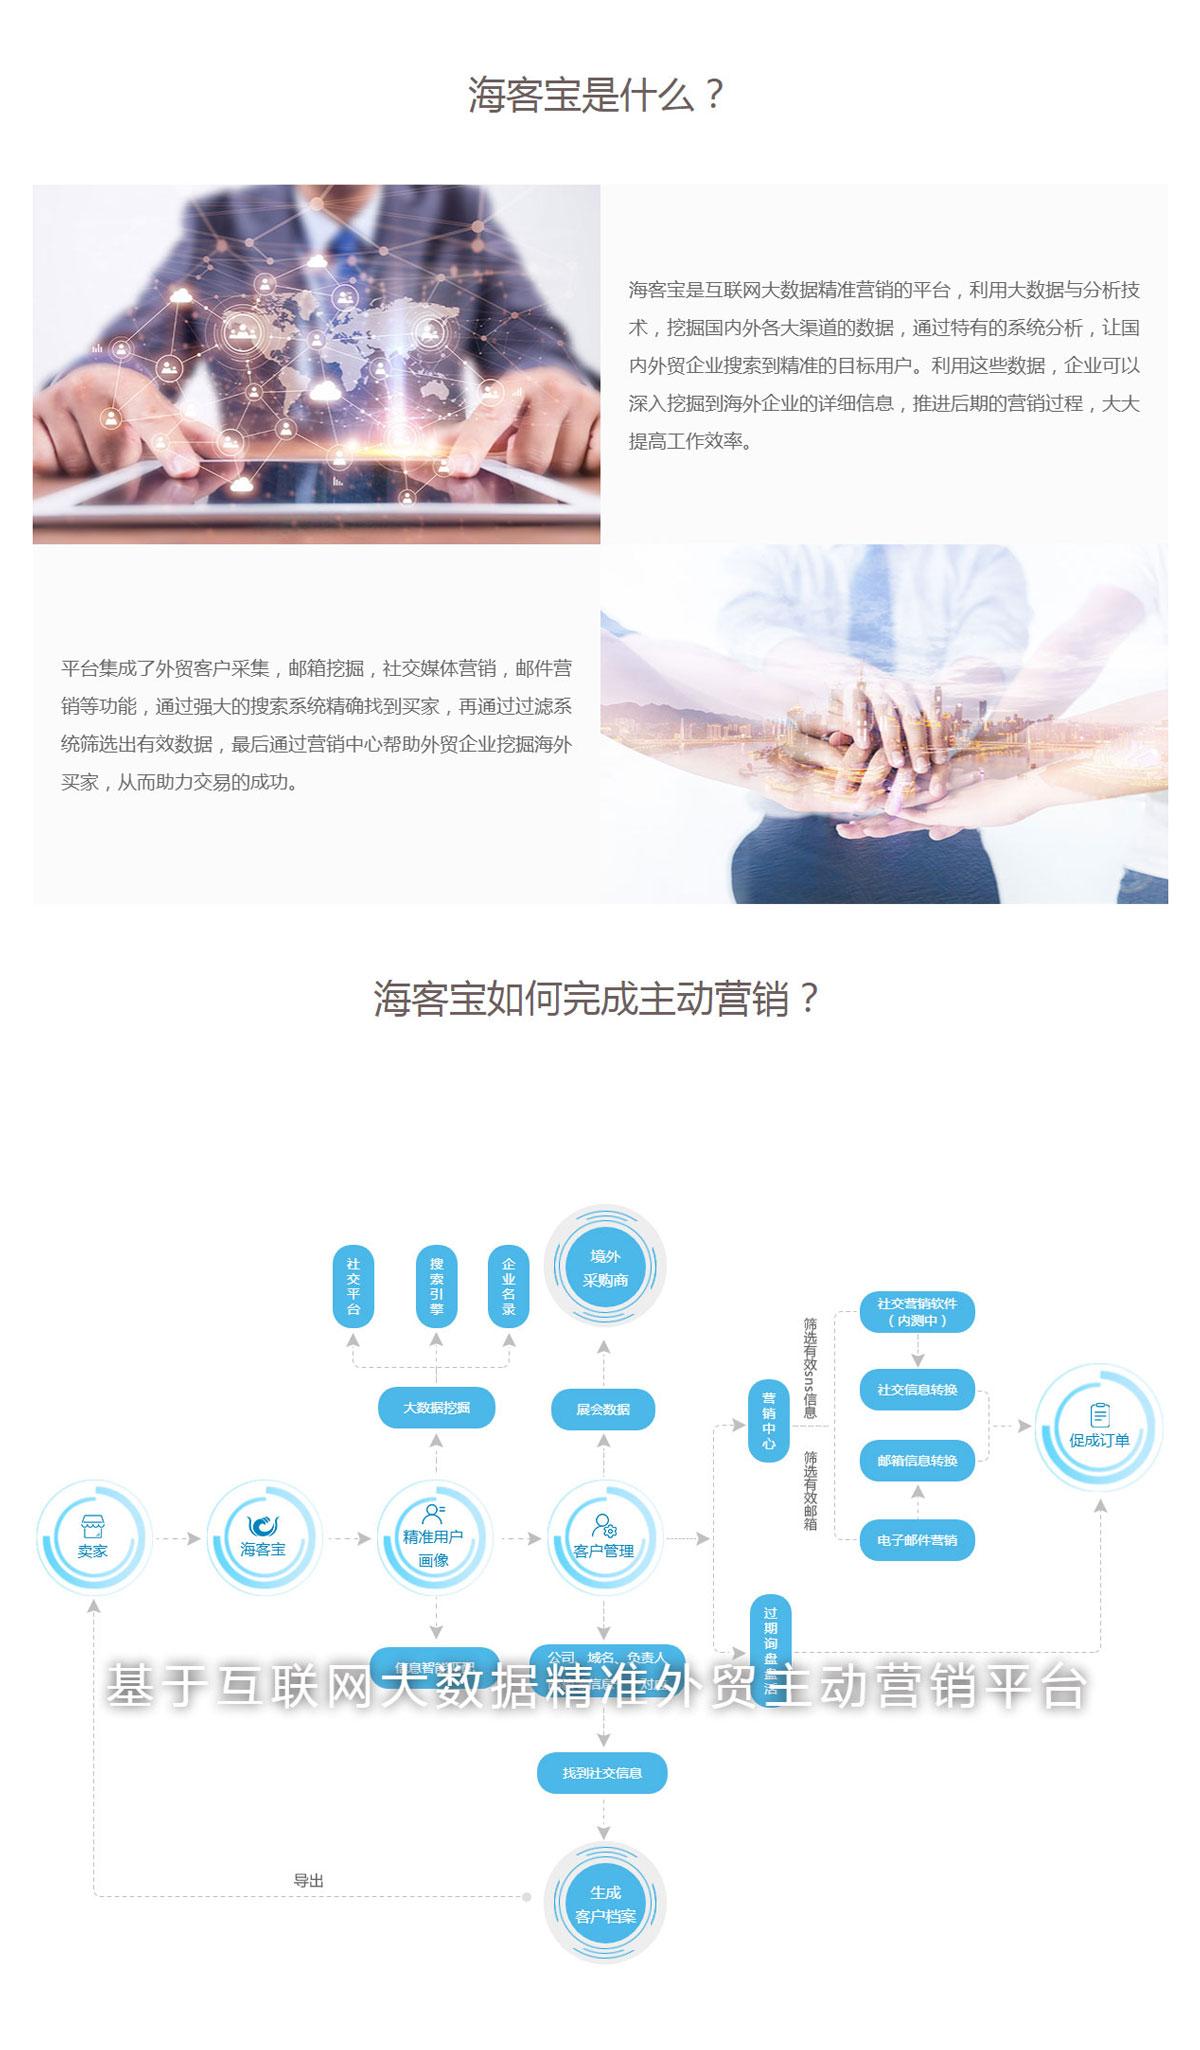 乐虎国际网络公司